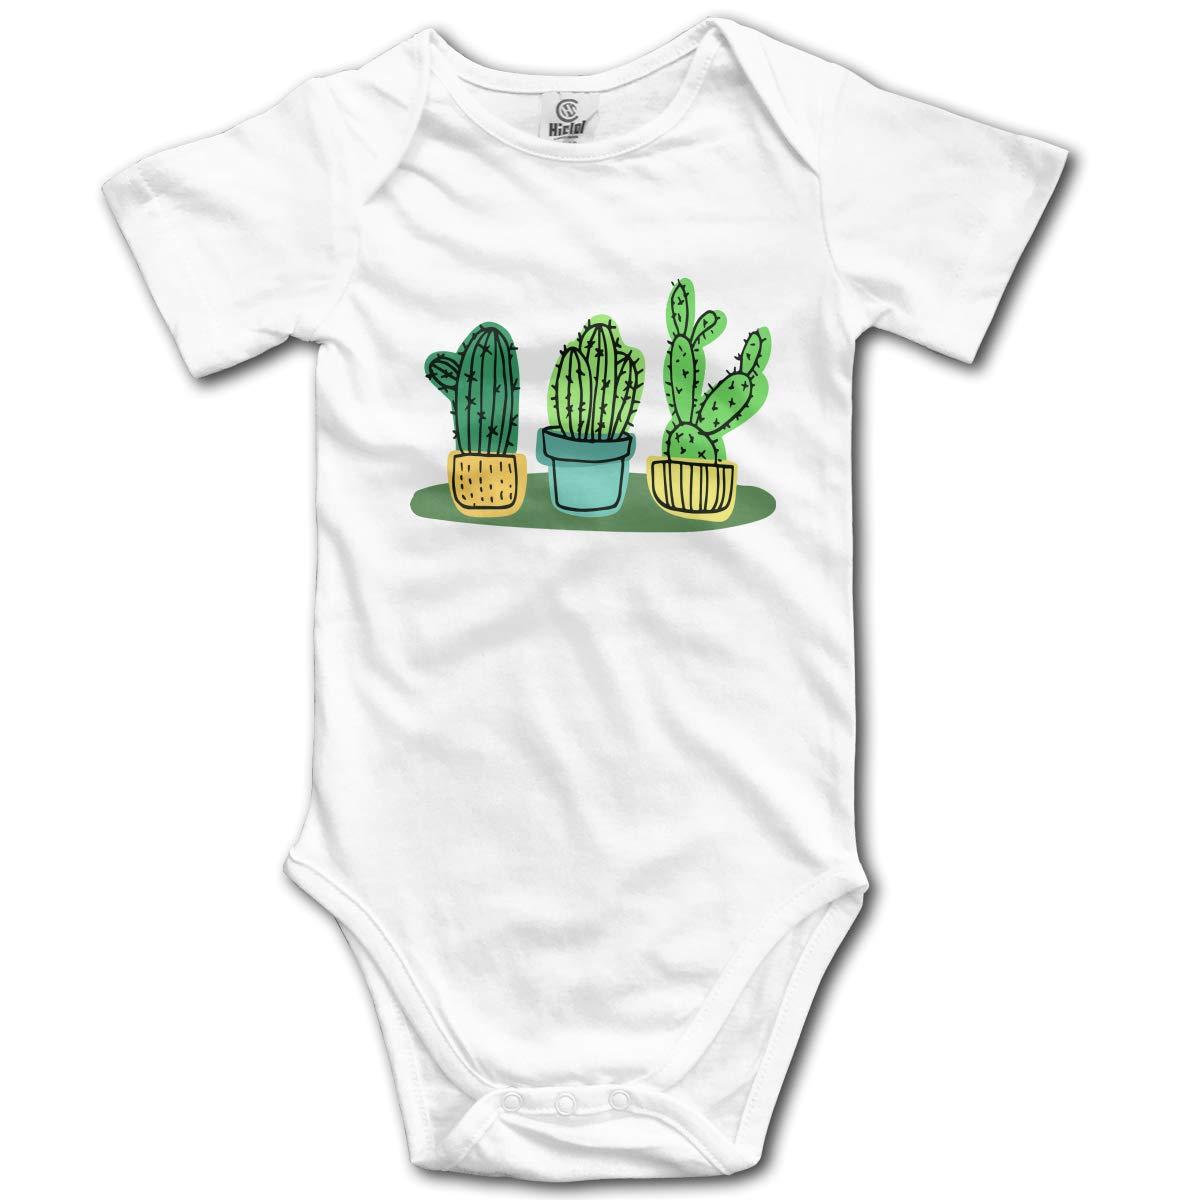 Cacti Cactus Unisex Solid Baby 100/% Organic Cotton Romper Jumpsuit 0-24M